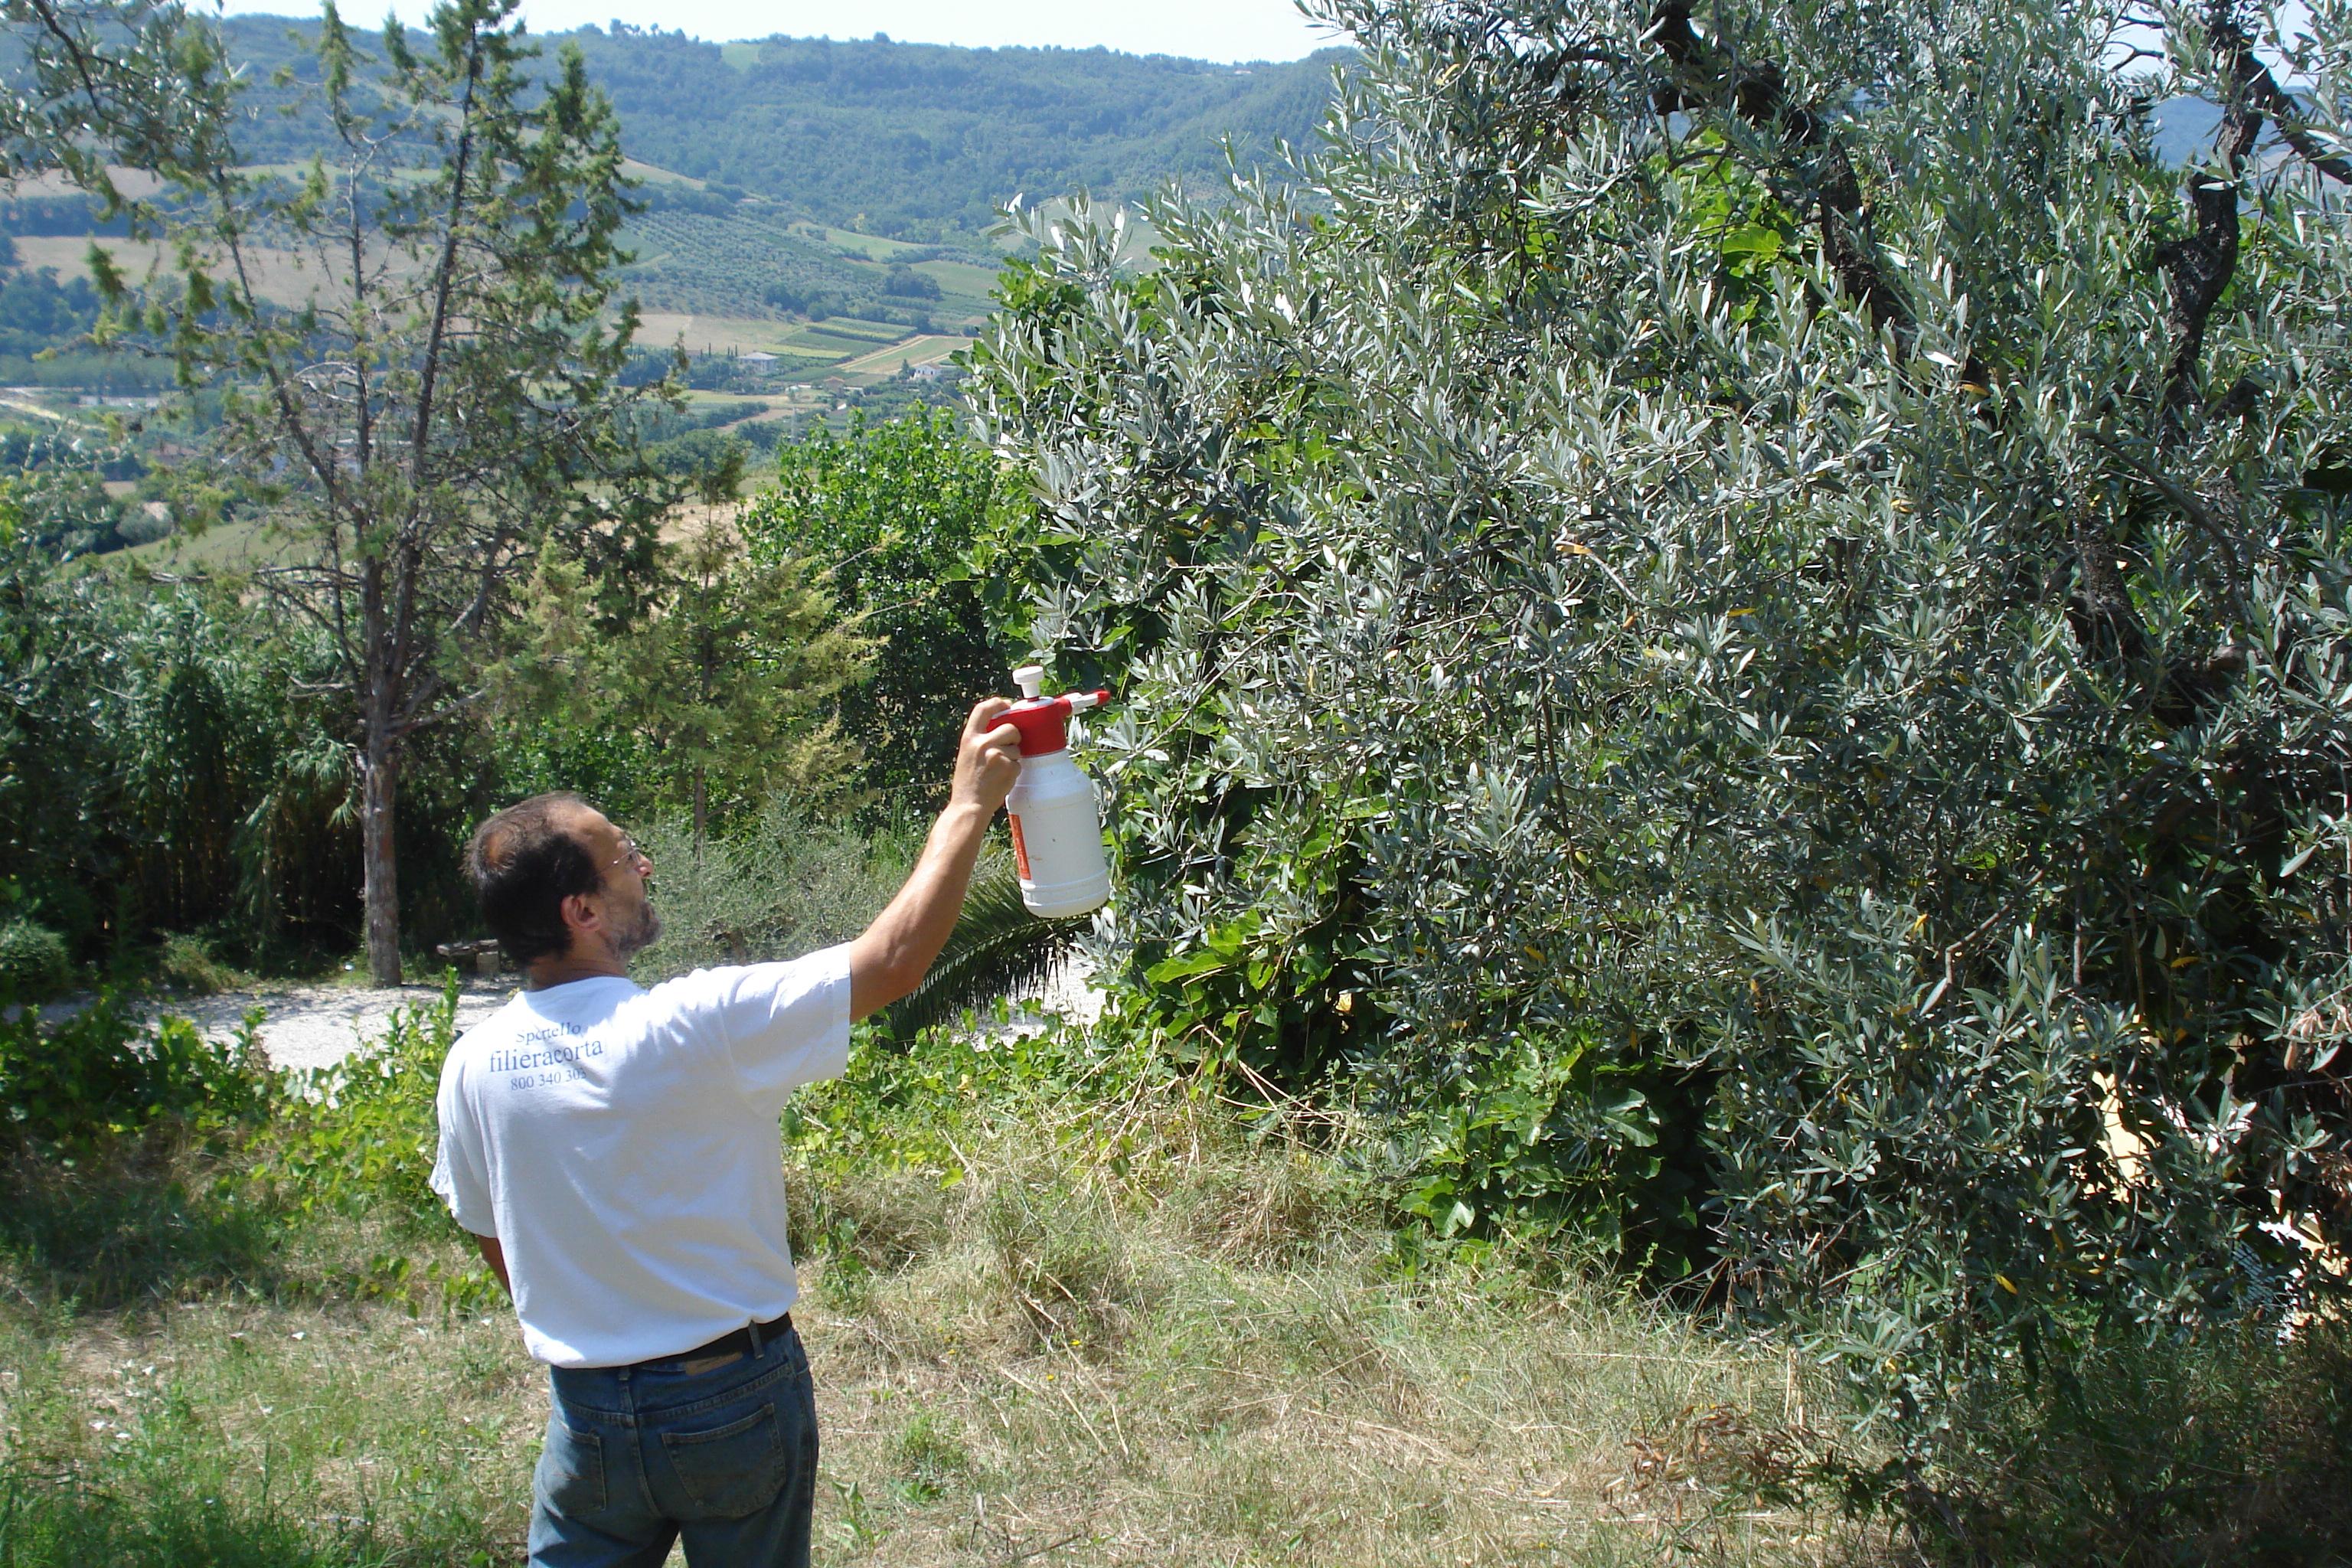 oliven l buch olivenfliegen attacke abgewehrt und stern titelstory ehrliches oliven l aus den. Black Bedroom Furniture Sets. Home Design Ideas